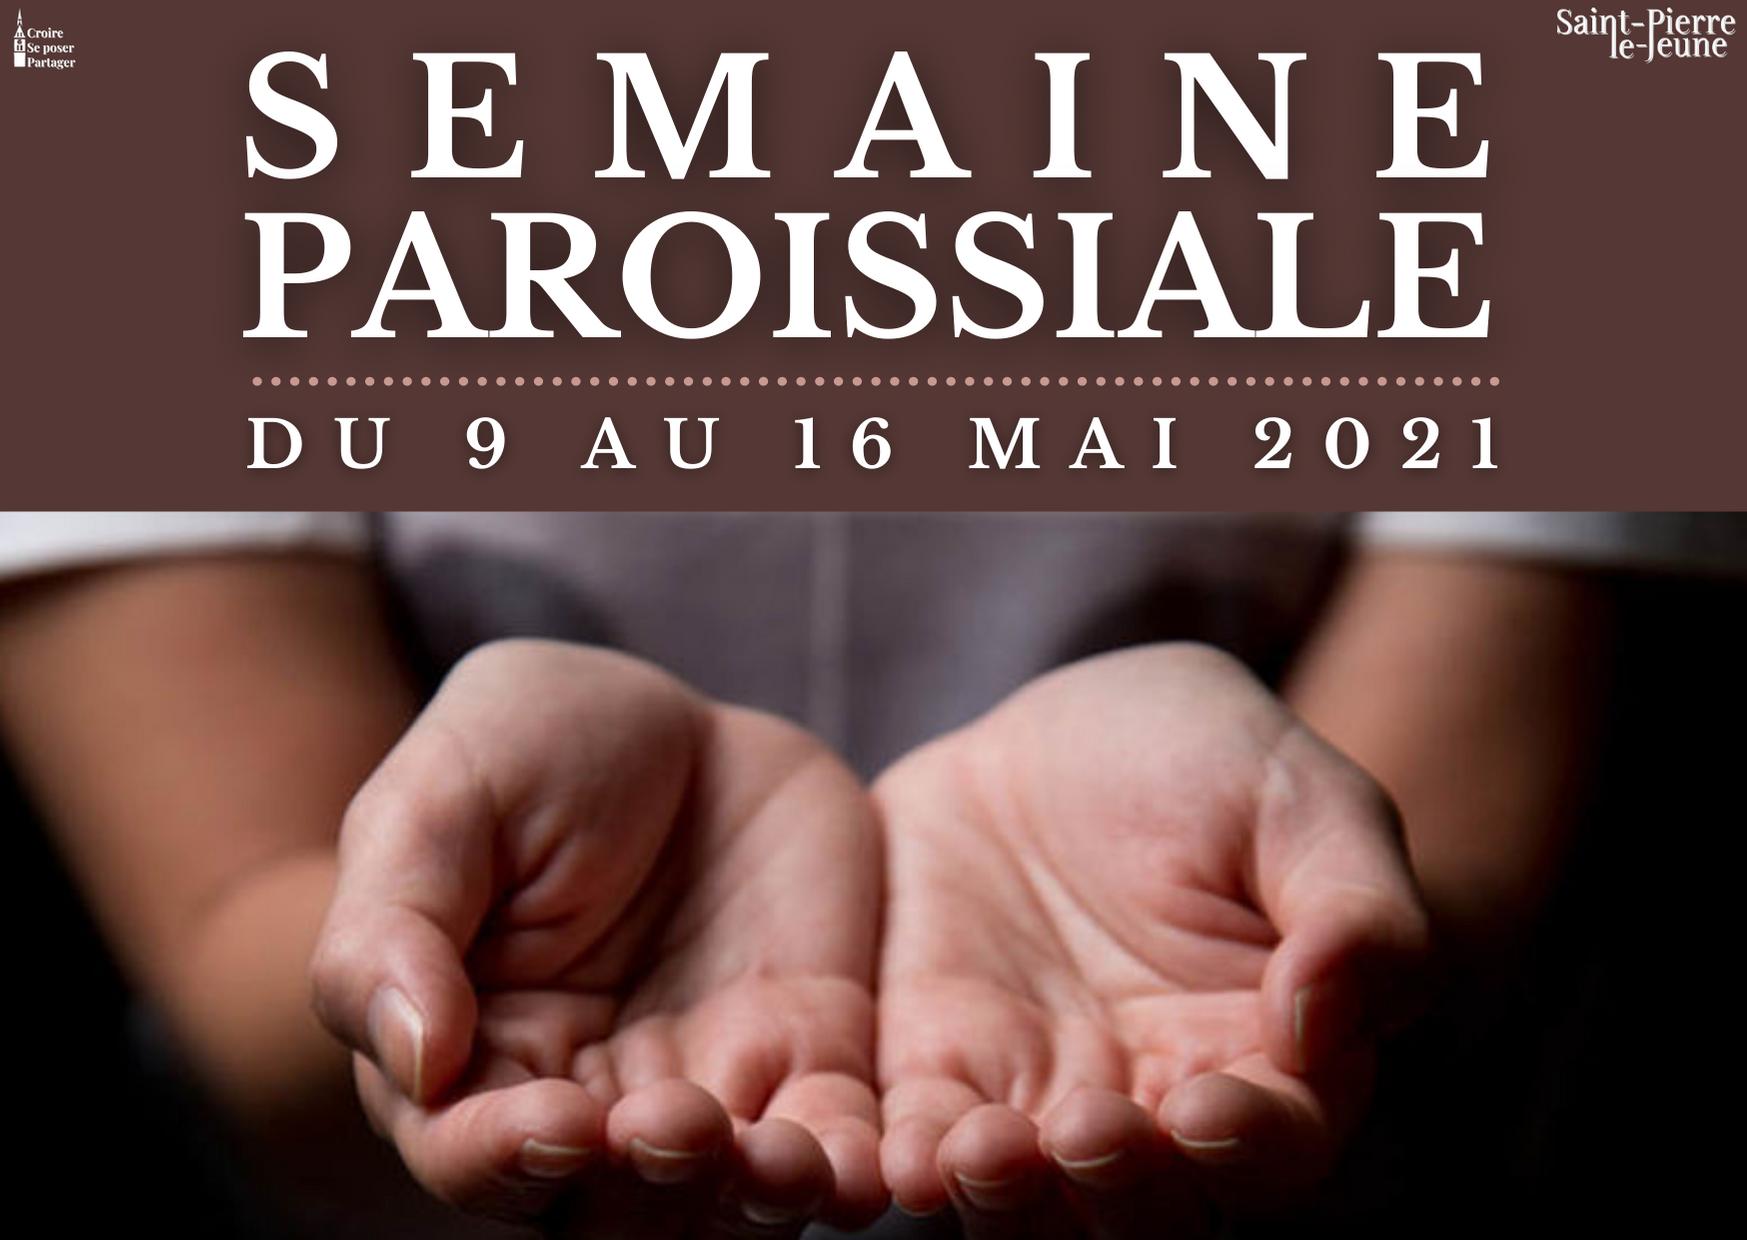 Semaine paroissiale - 9 mai 2021